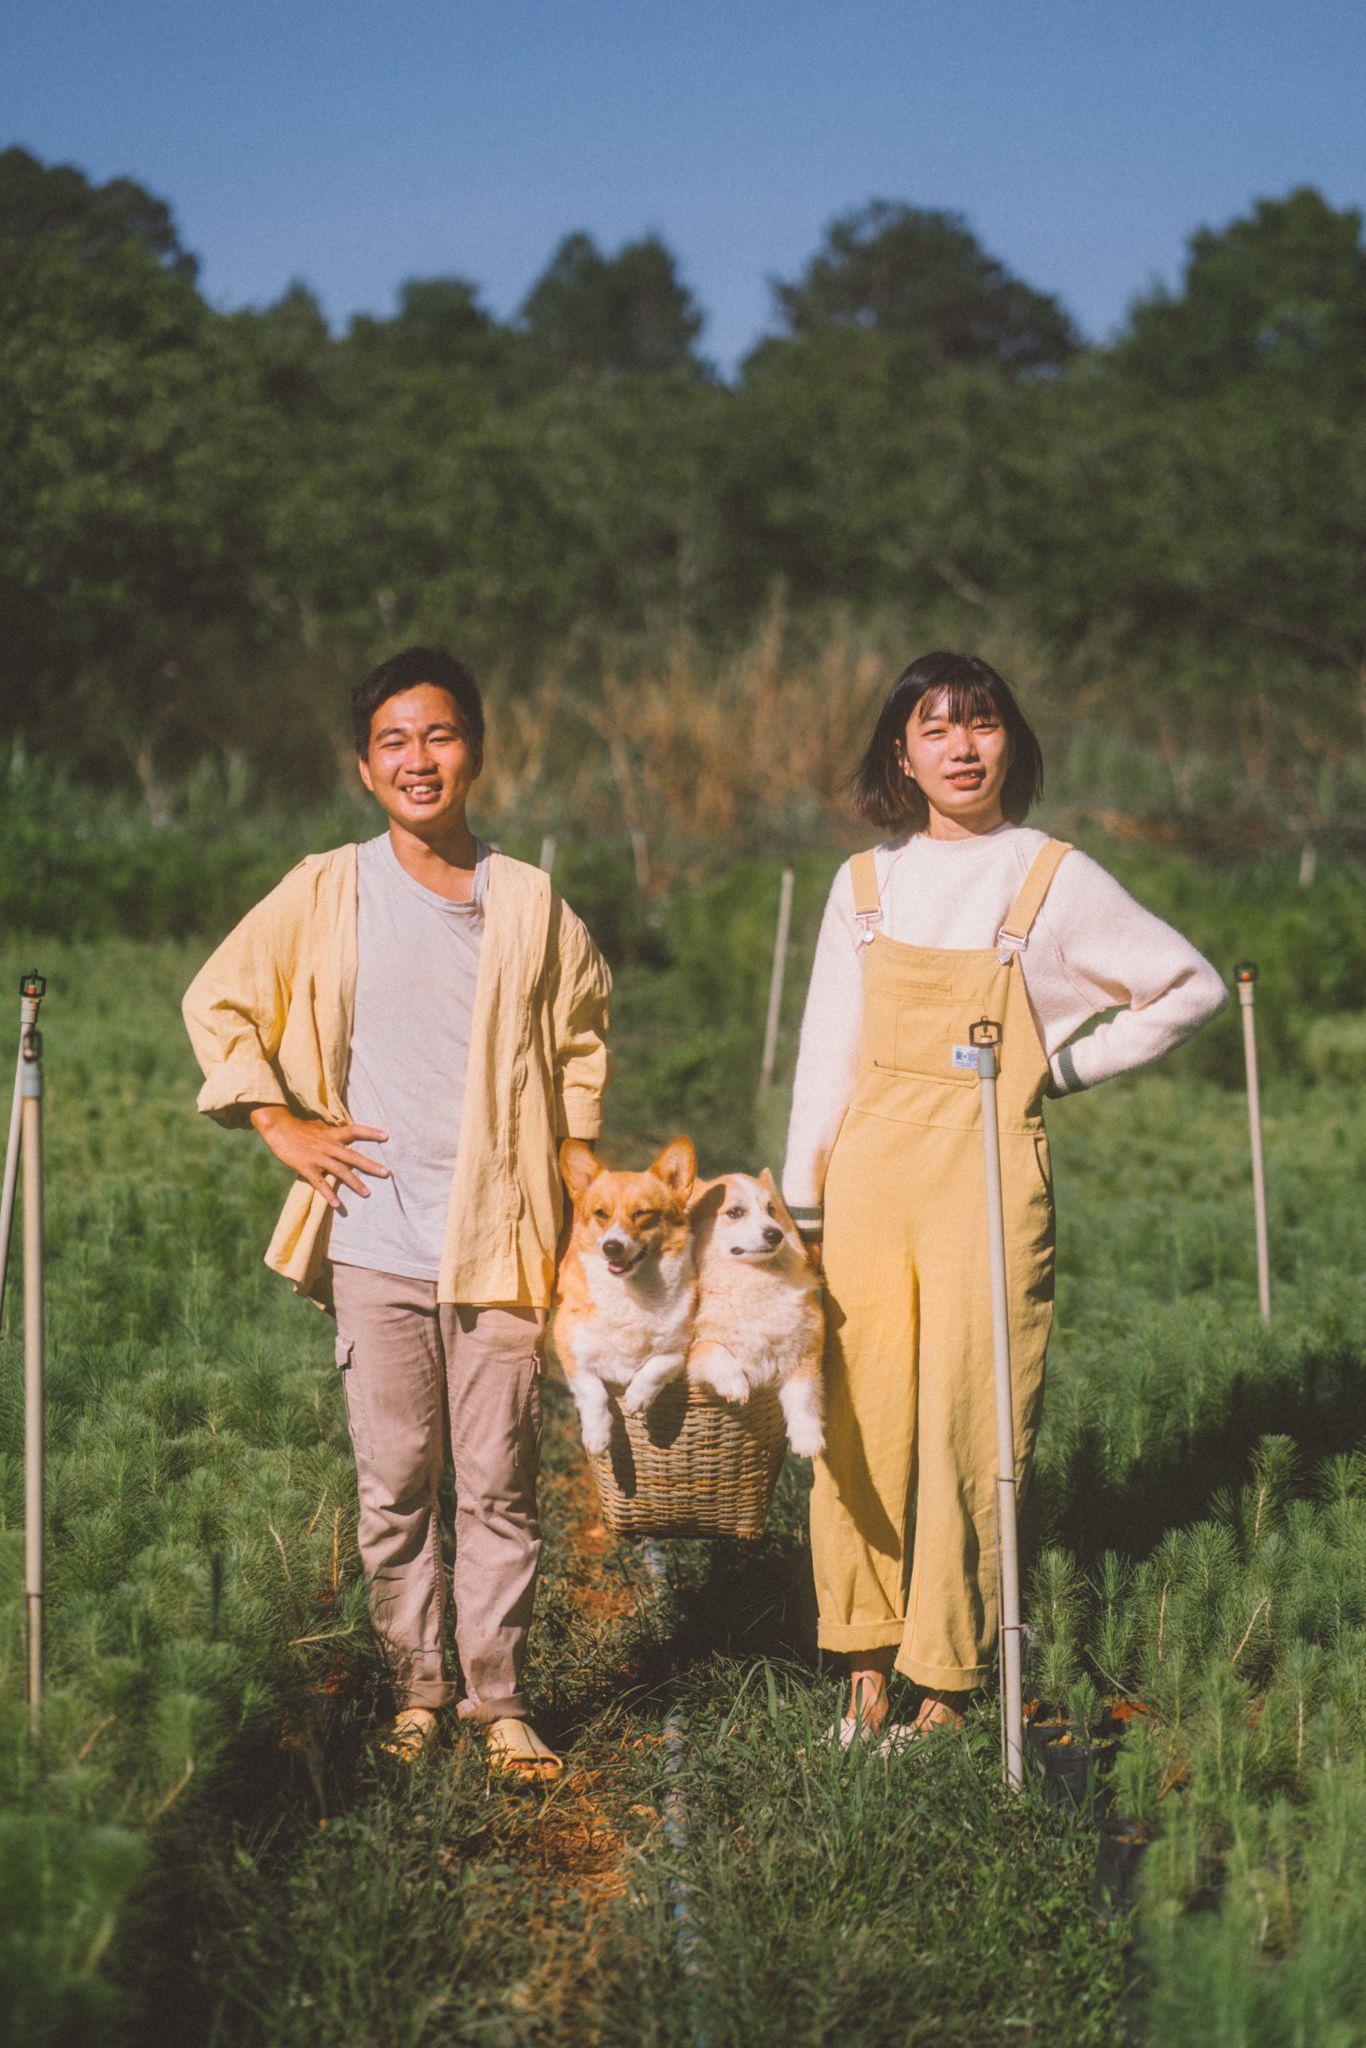 Giấc mơ về Đà Lạt của cặp đôi 9x và khu vườn cún bên bờ suối mộng mơ - Ảnh 2.